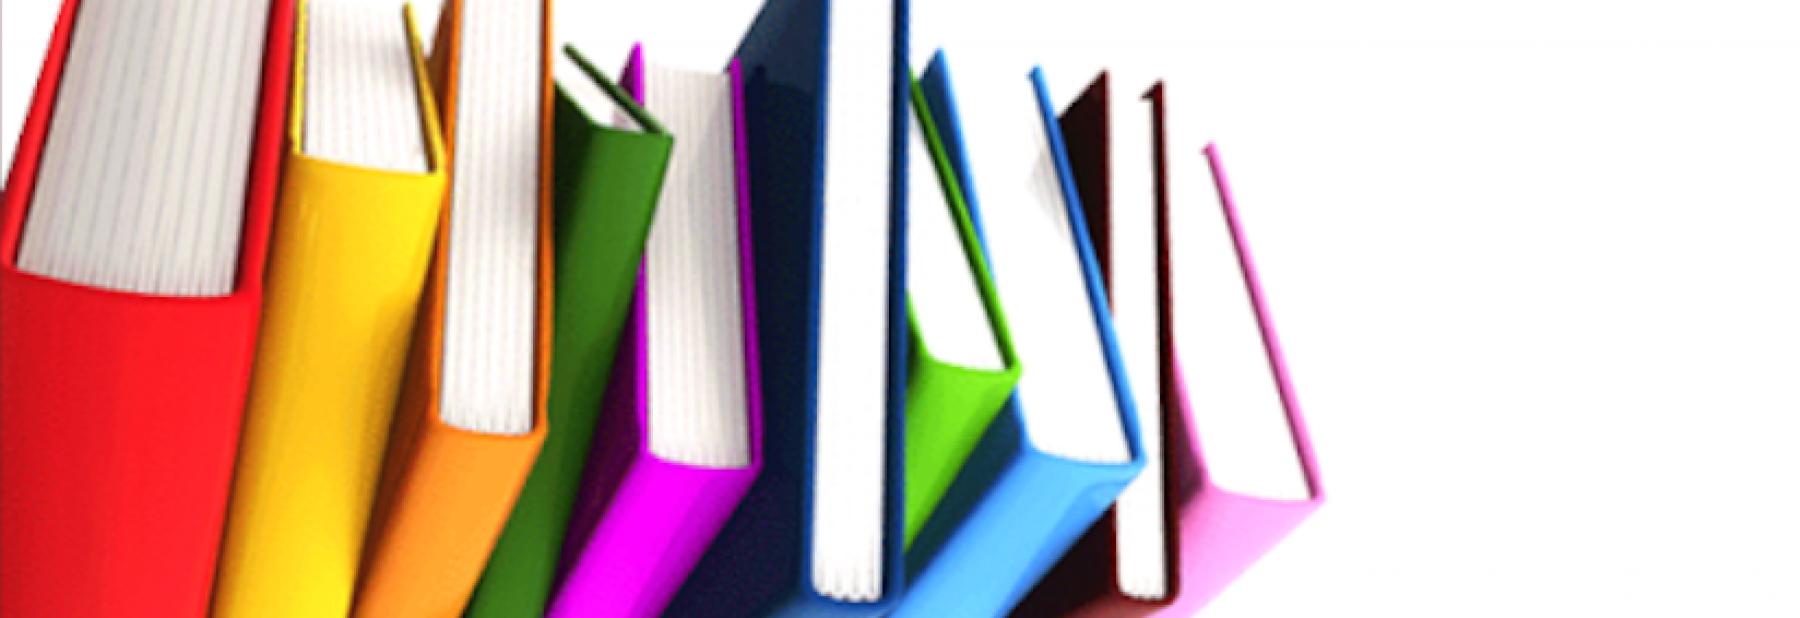 libritesto